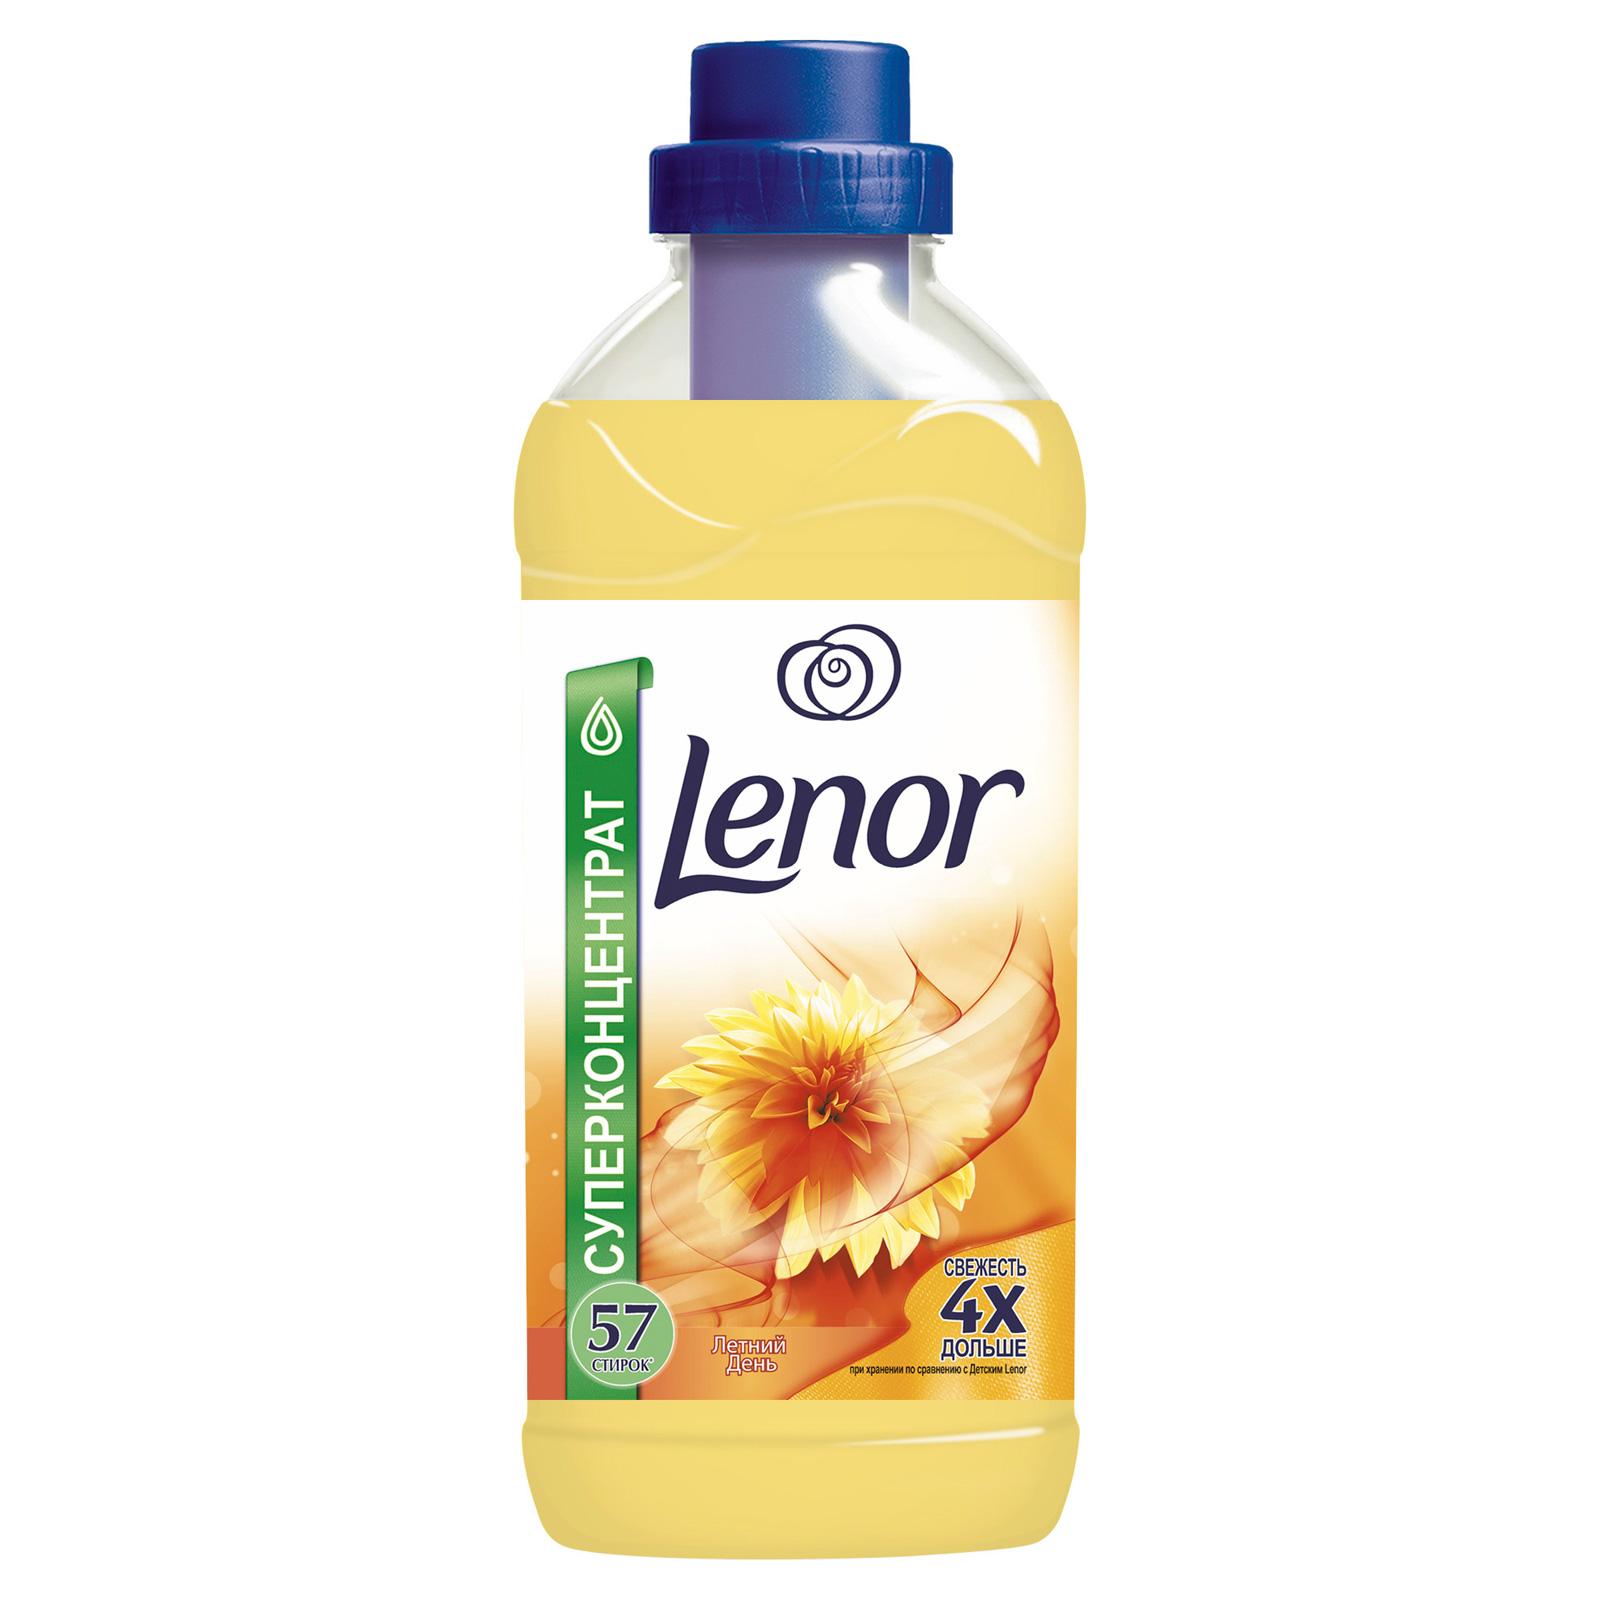 Кондиционер для белья Lenor 2 л Летний День 2л (57стирок)<br>